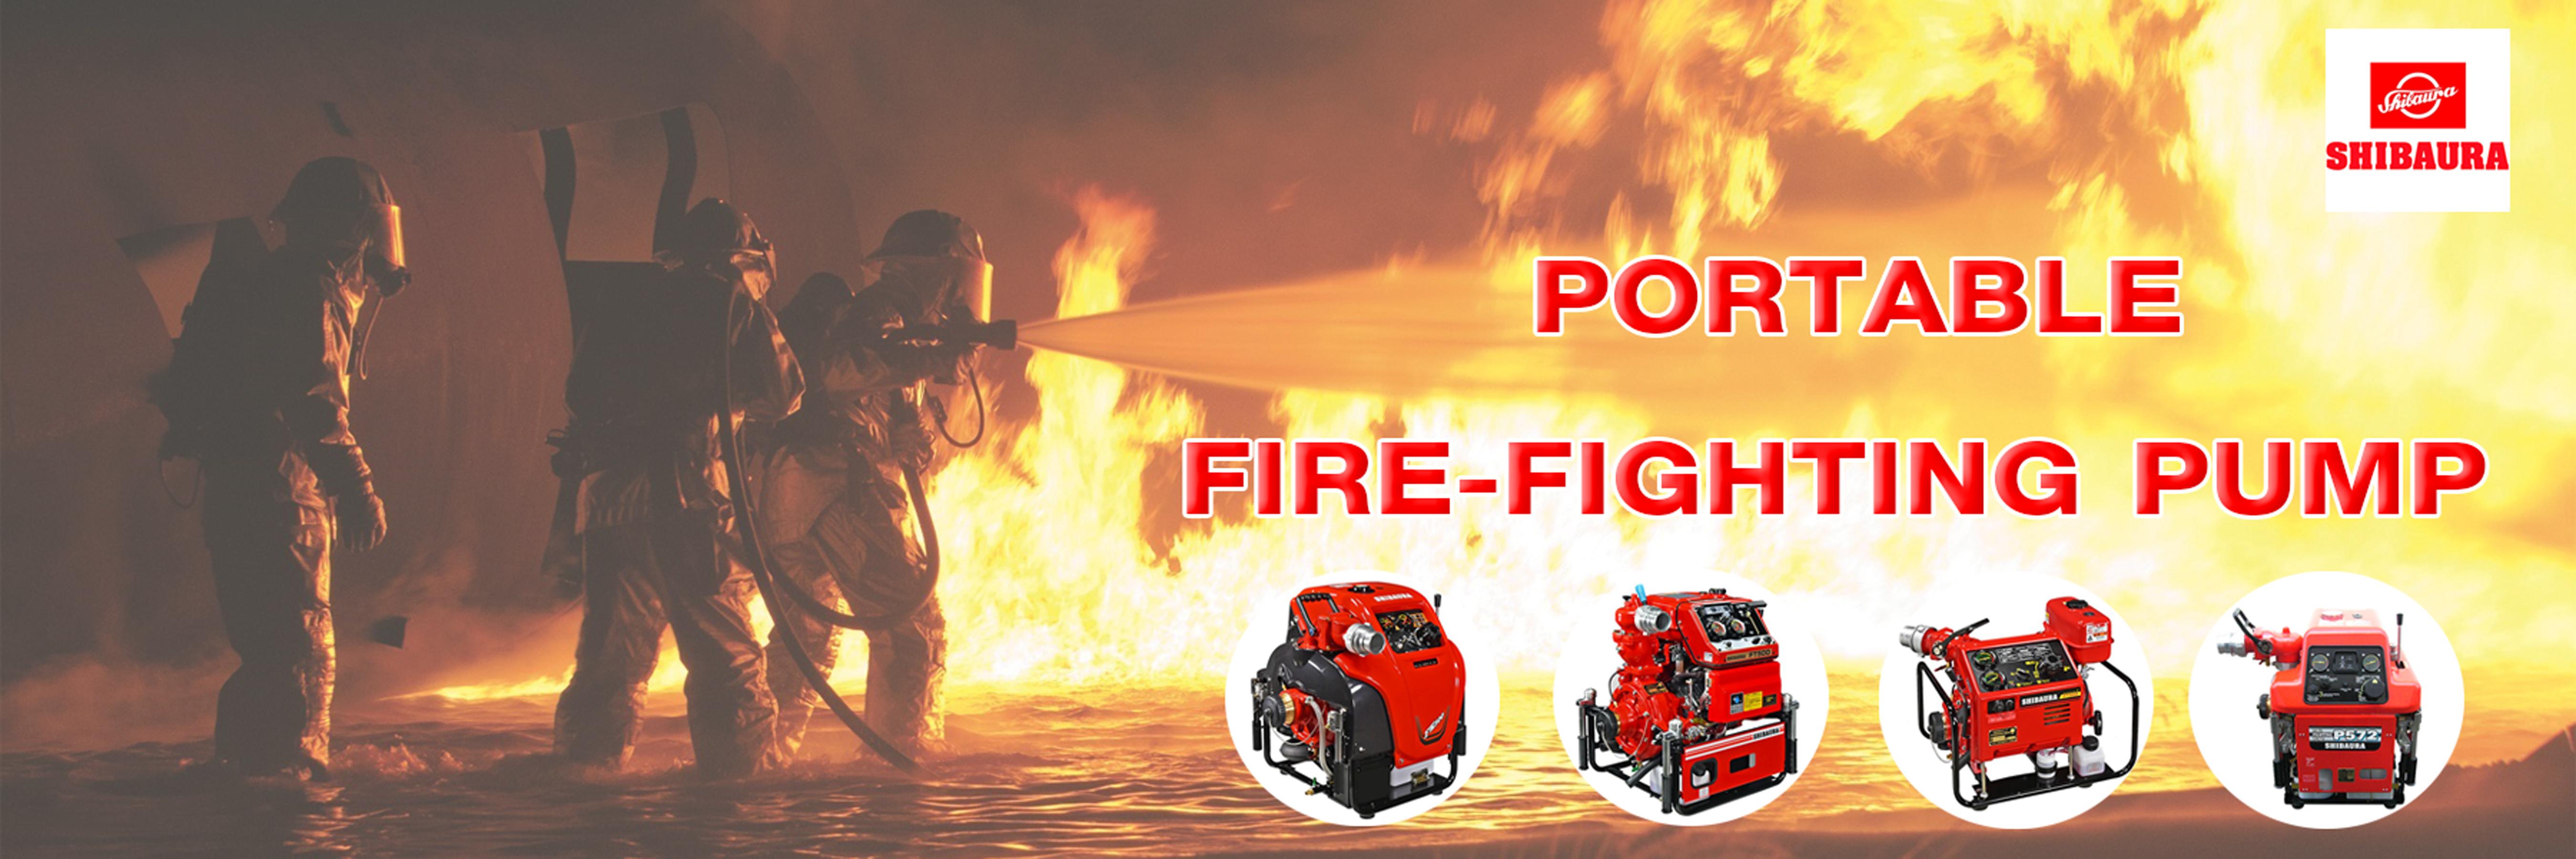 เครื่องสูบน้ำดับเพลิง SHIBAURA